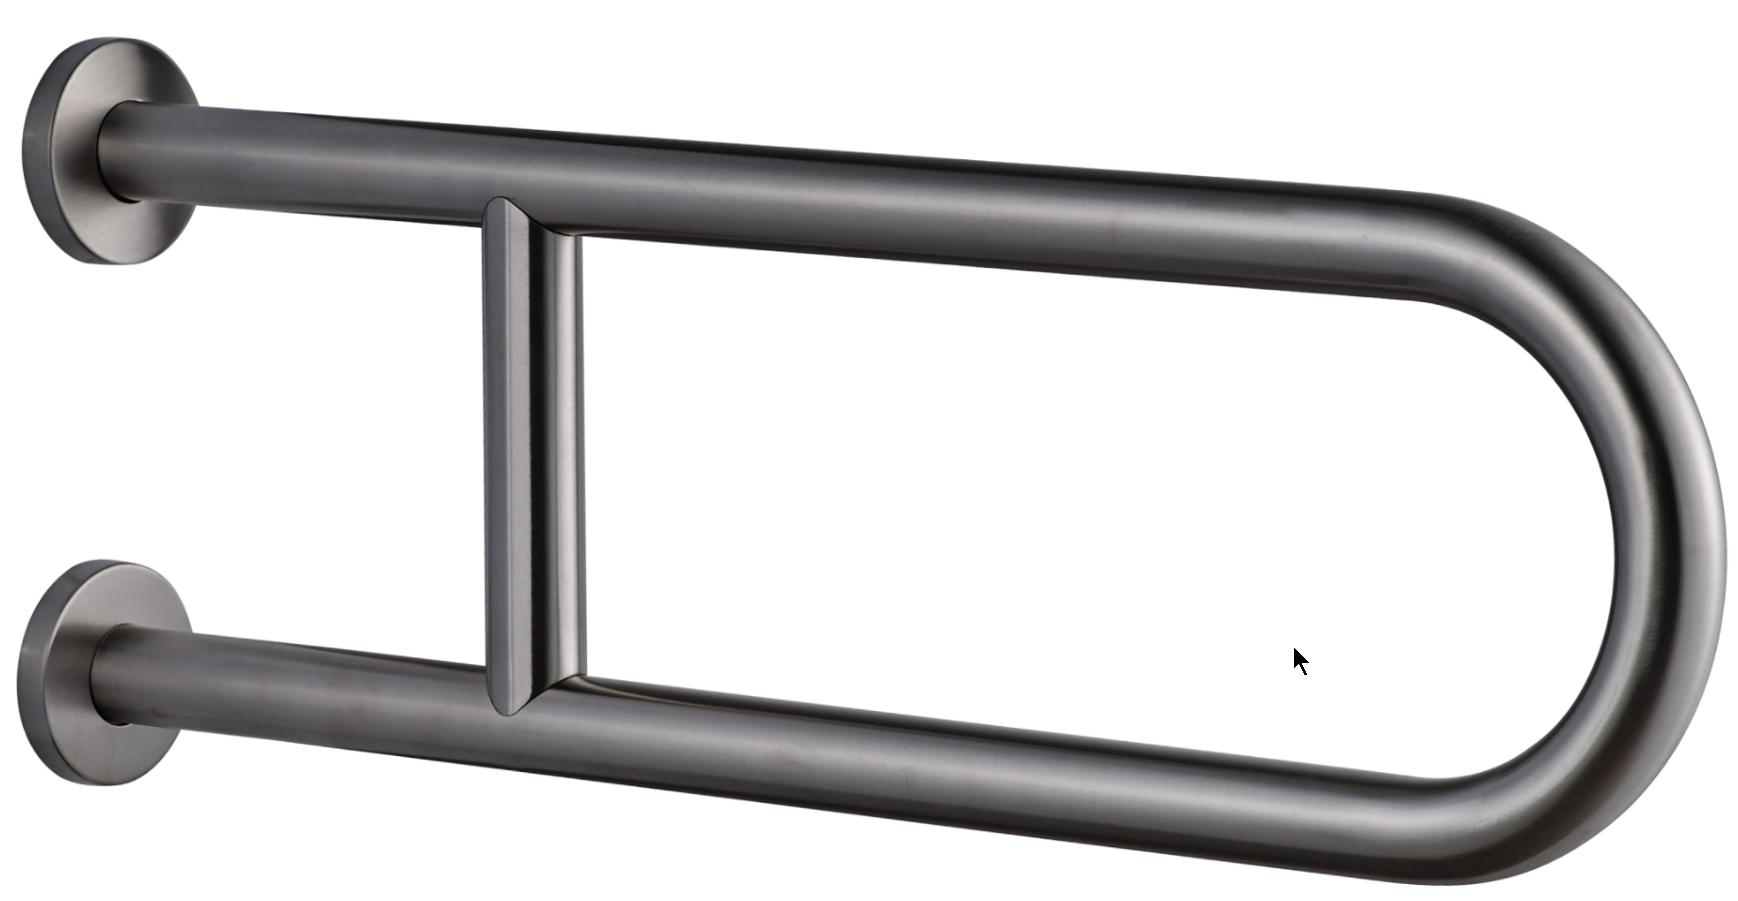 7W003(МАТ) Поручень U-образный опорный на стену подъемный подъемный